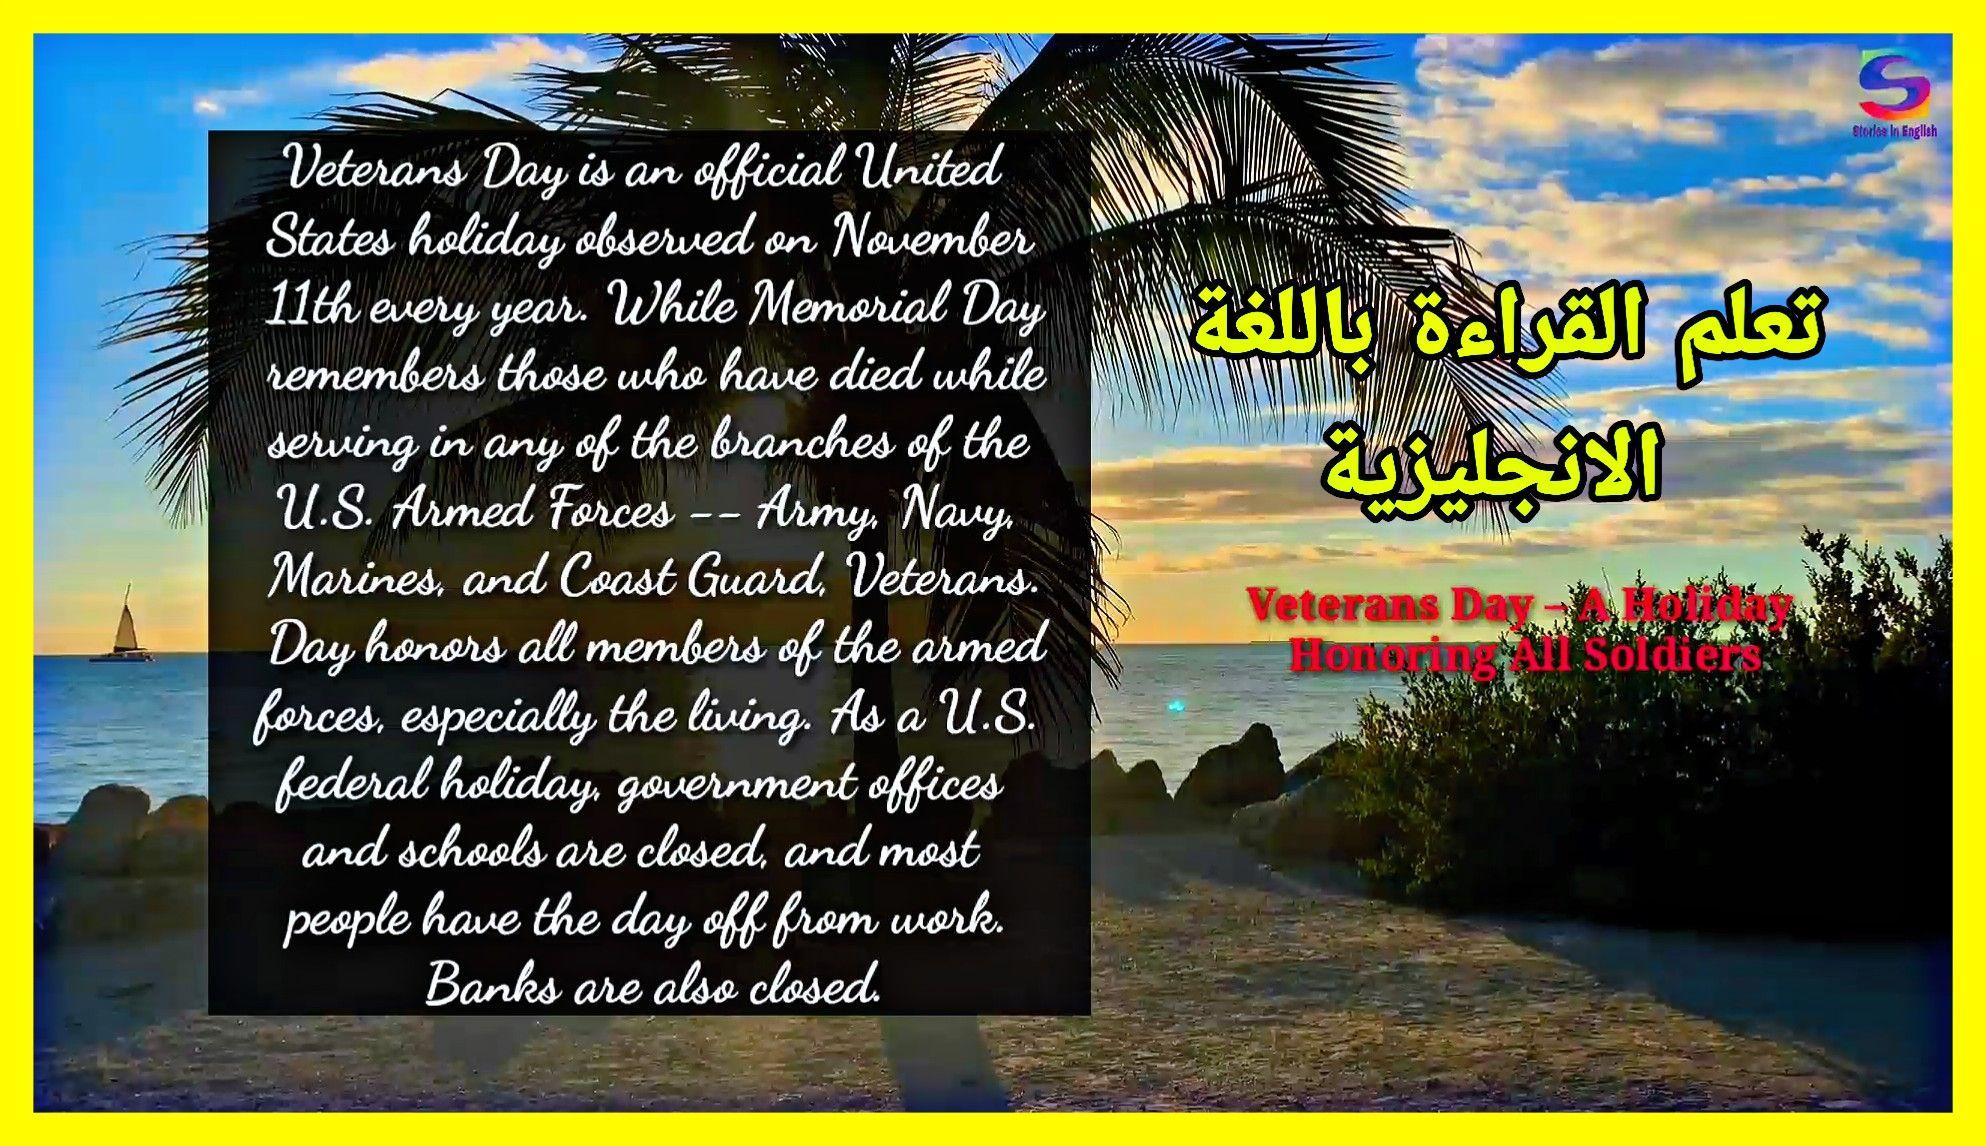 القراءة باللغة الانجليزية و تحسين النطق والاستماع في اللغة الانجليزية بطريقة مدهشة من خلال القصص Navy Marine Honoring Veterans Army Navy